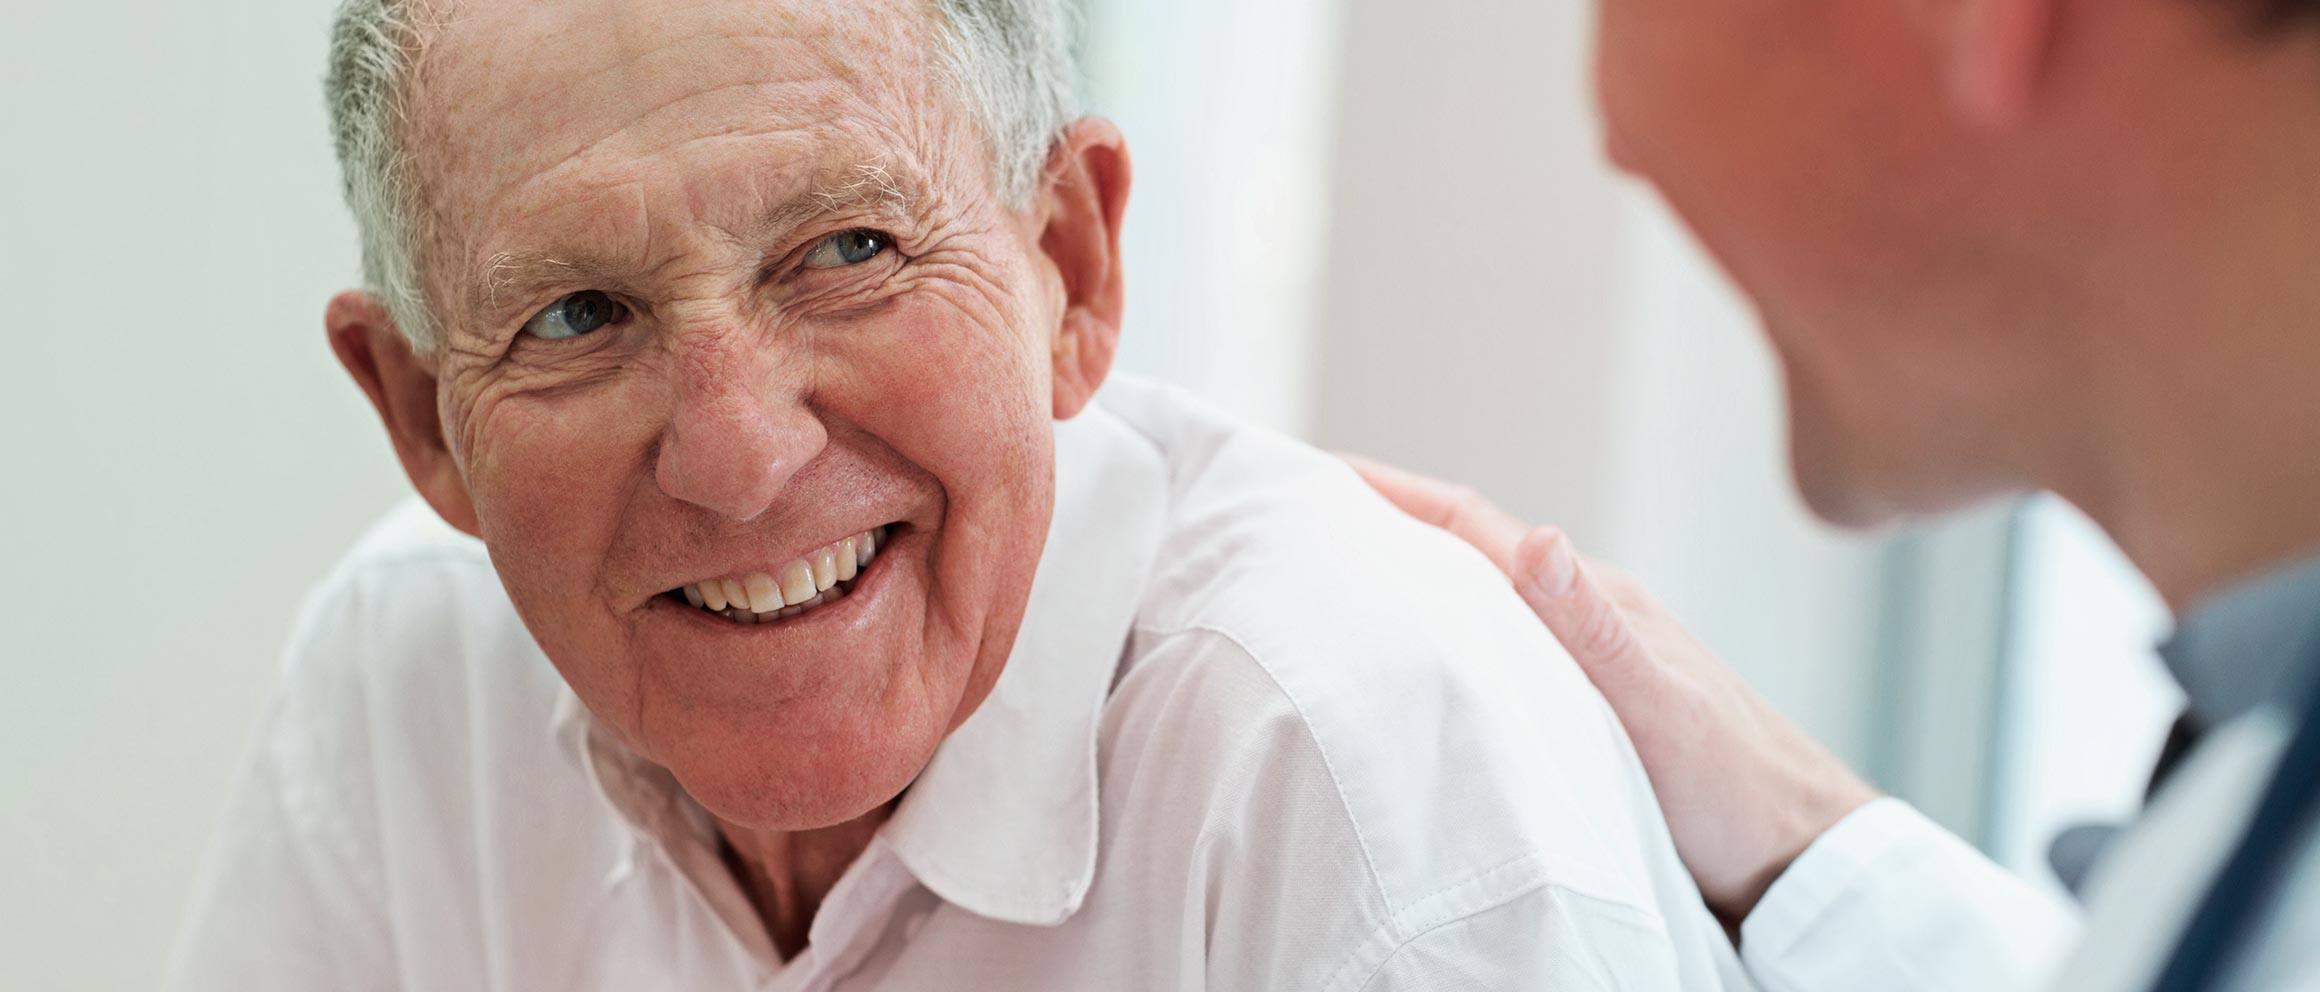 الشهادة المهنية في اساسيات طب المسنين